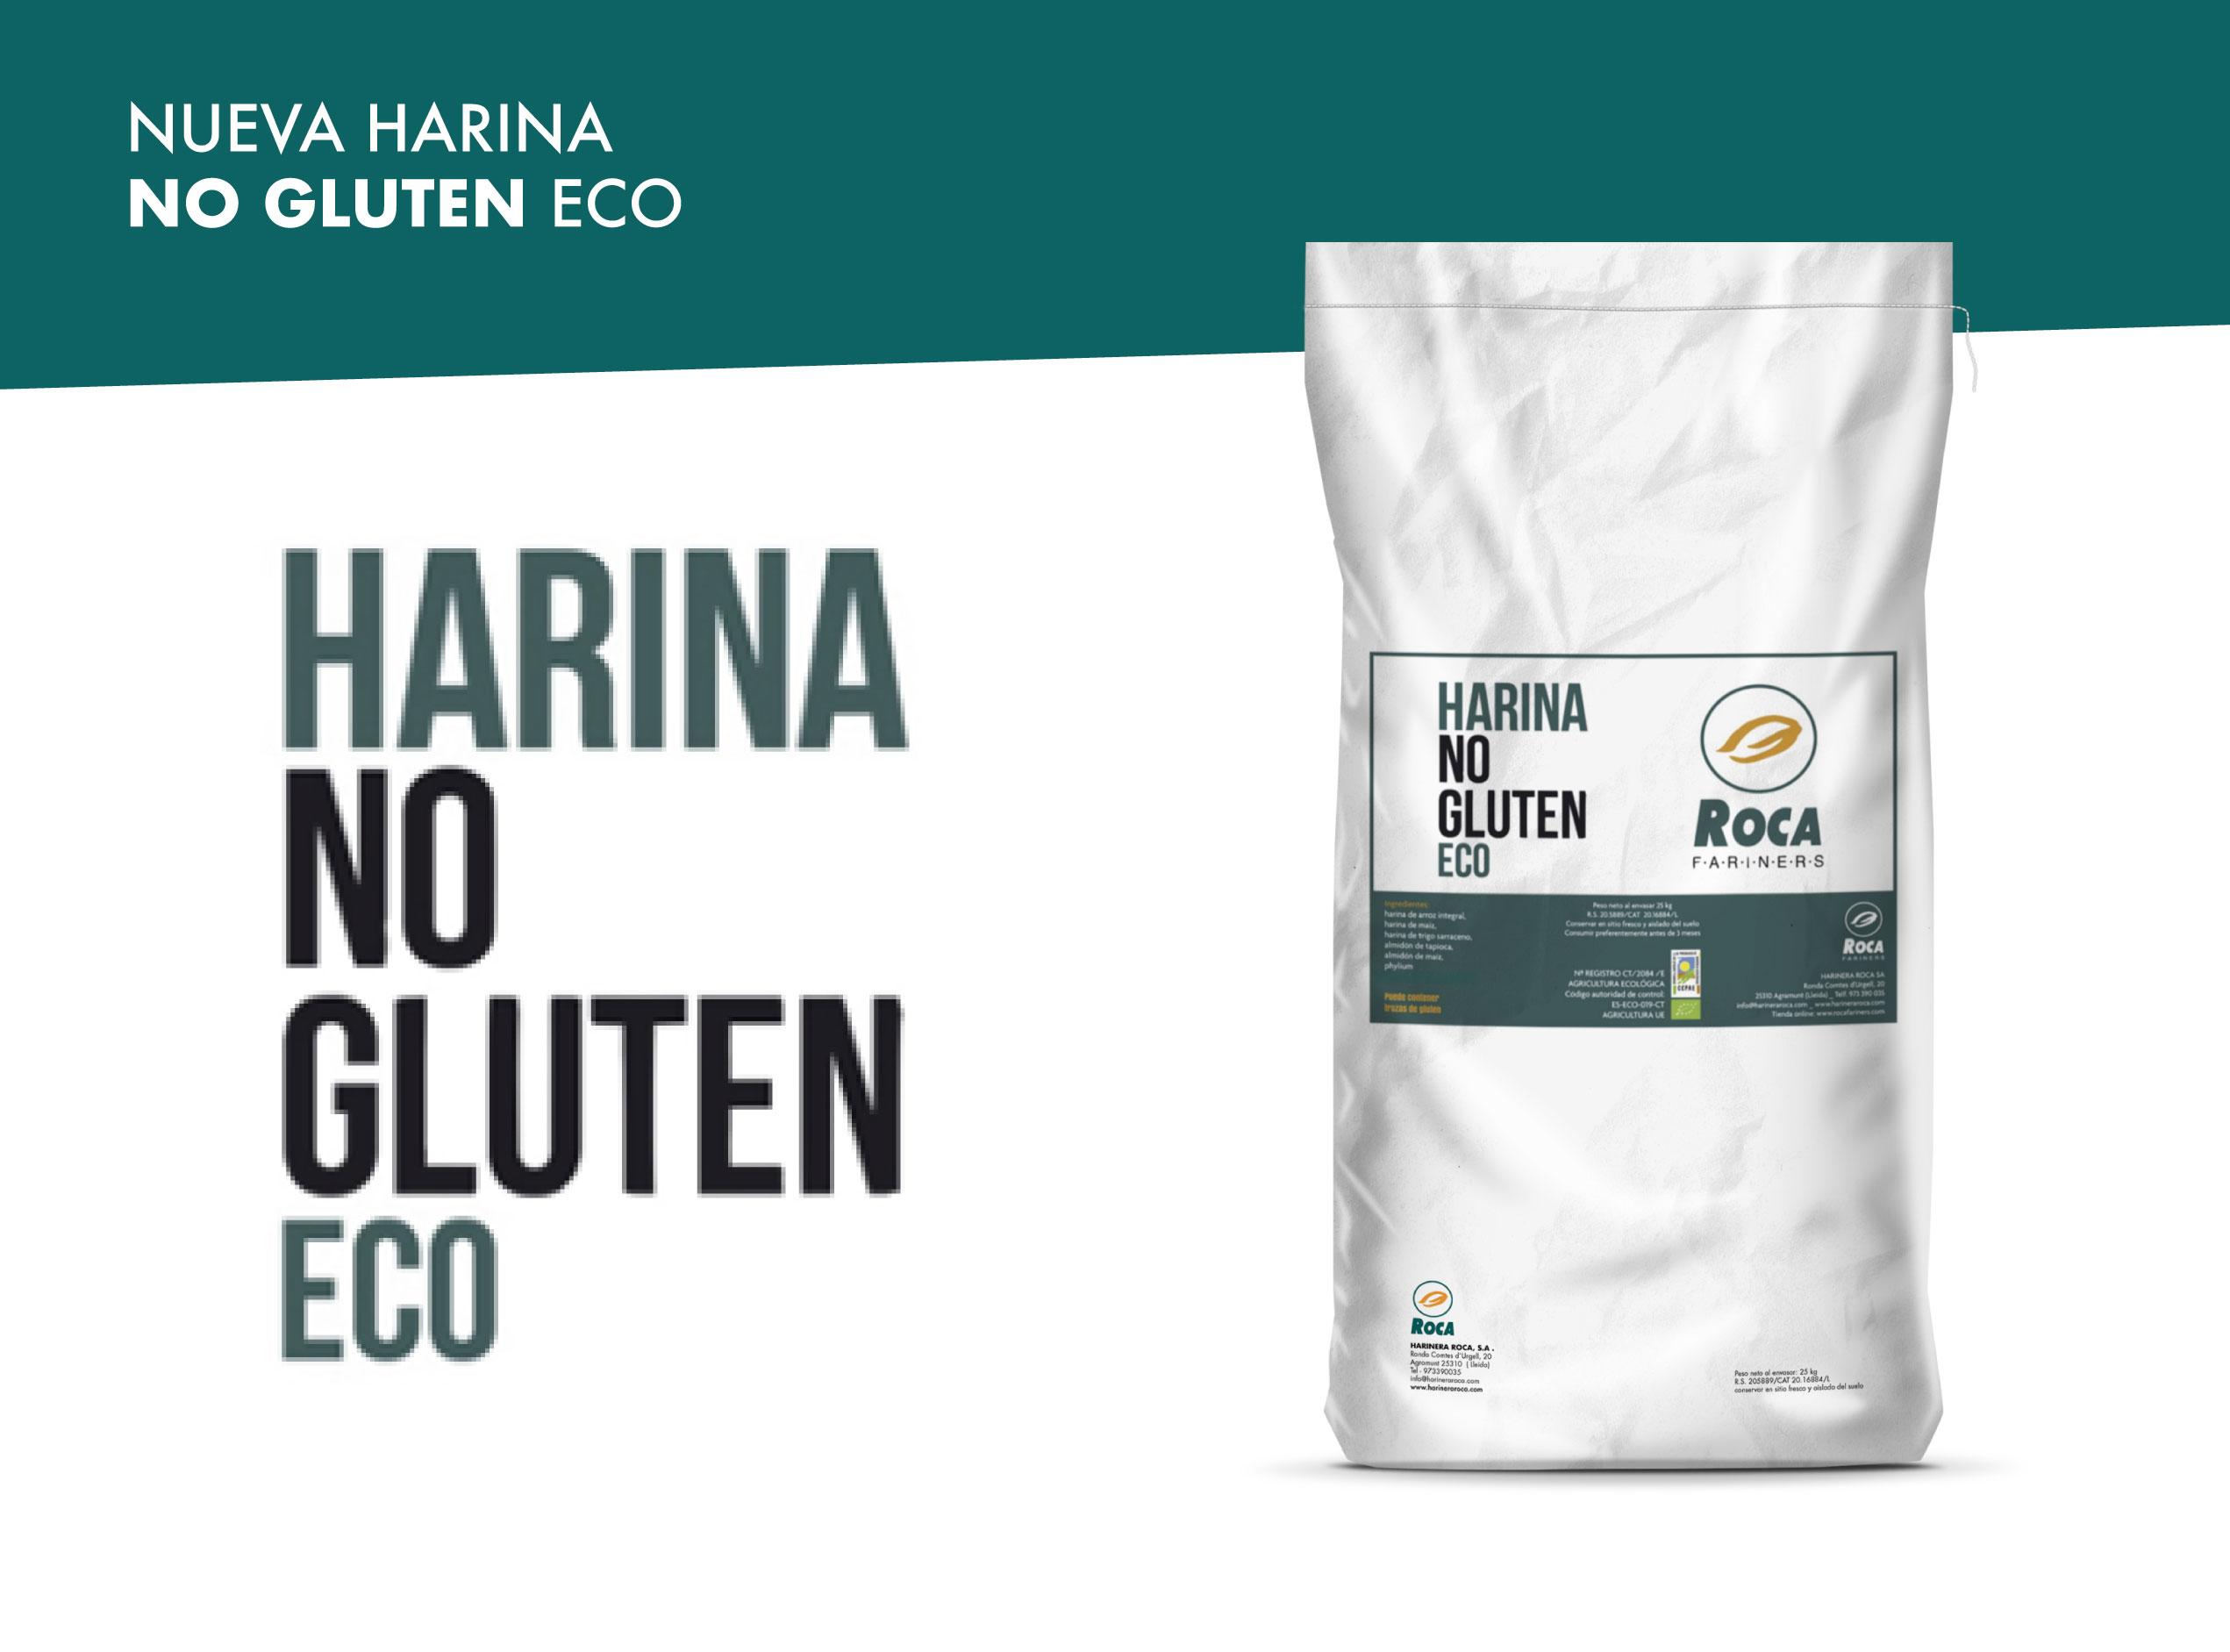 Nueva harina NoGluten eco